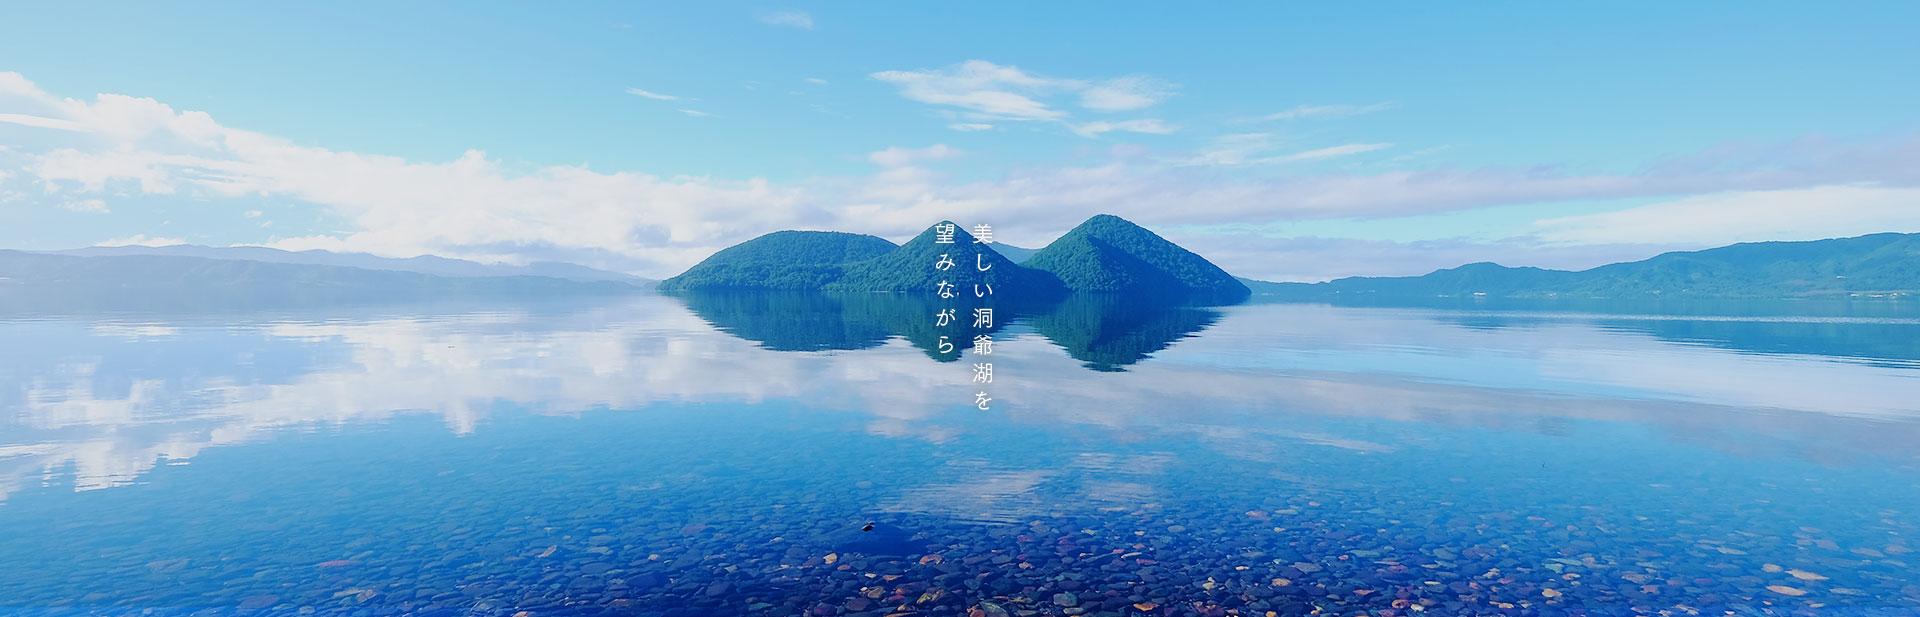 美しい洞爺湖を望みながら